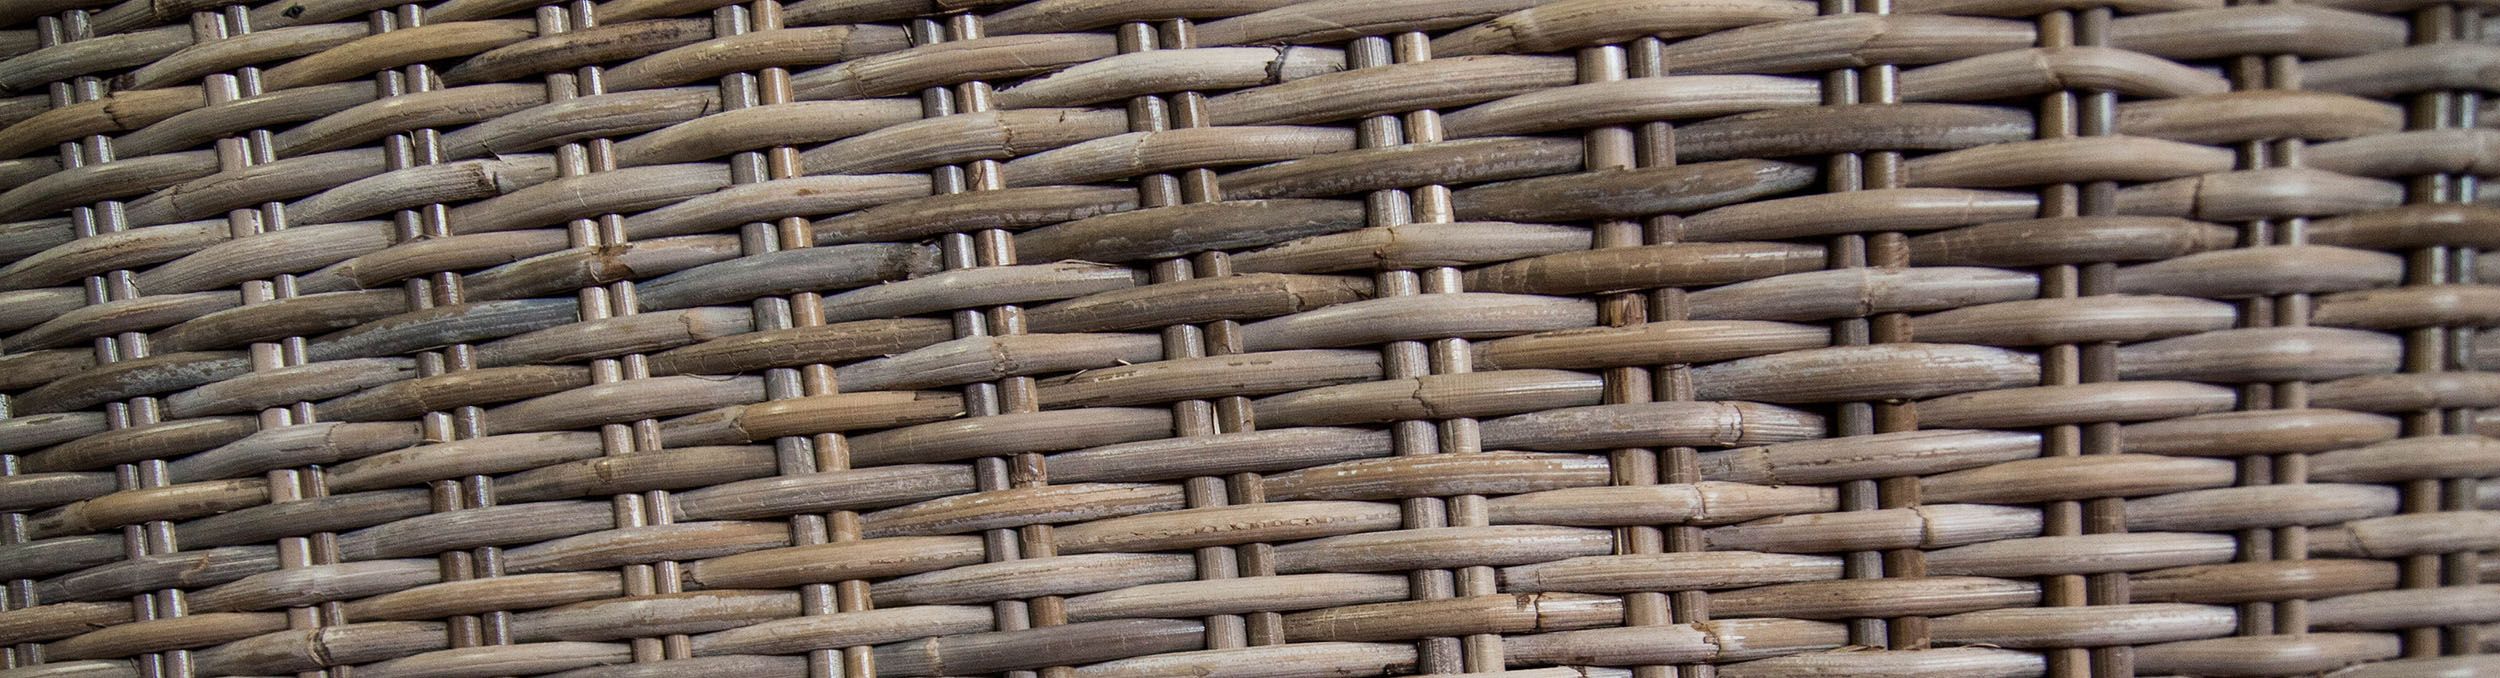 Rotting är ett väldigt populärt material till möbler.